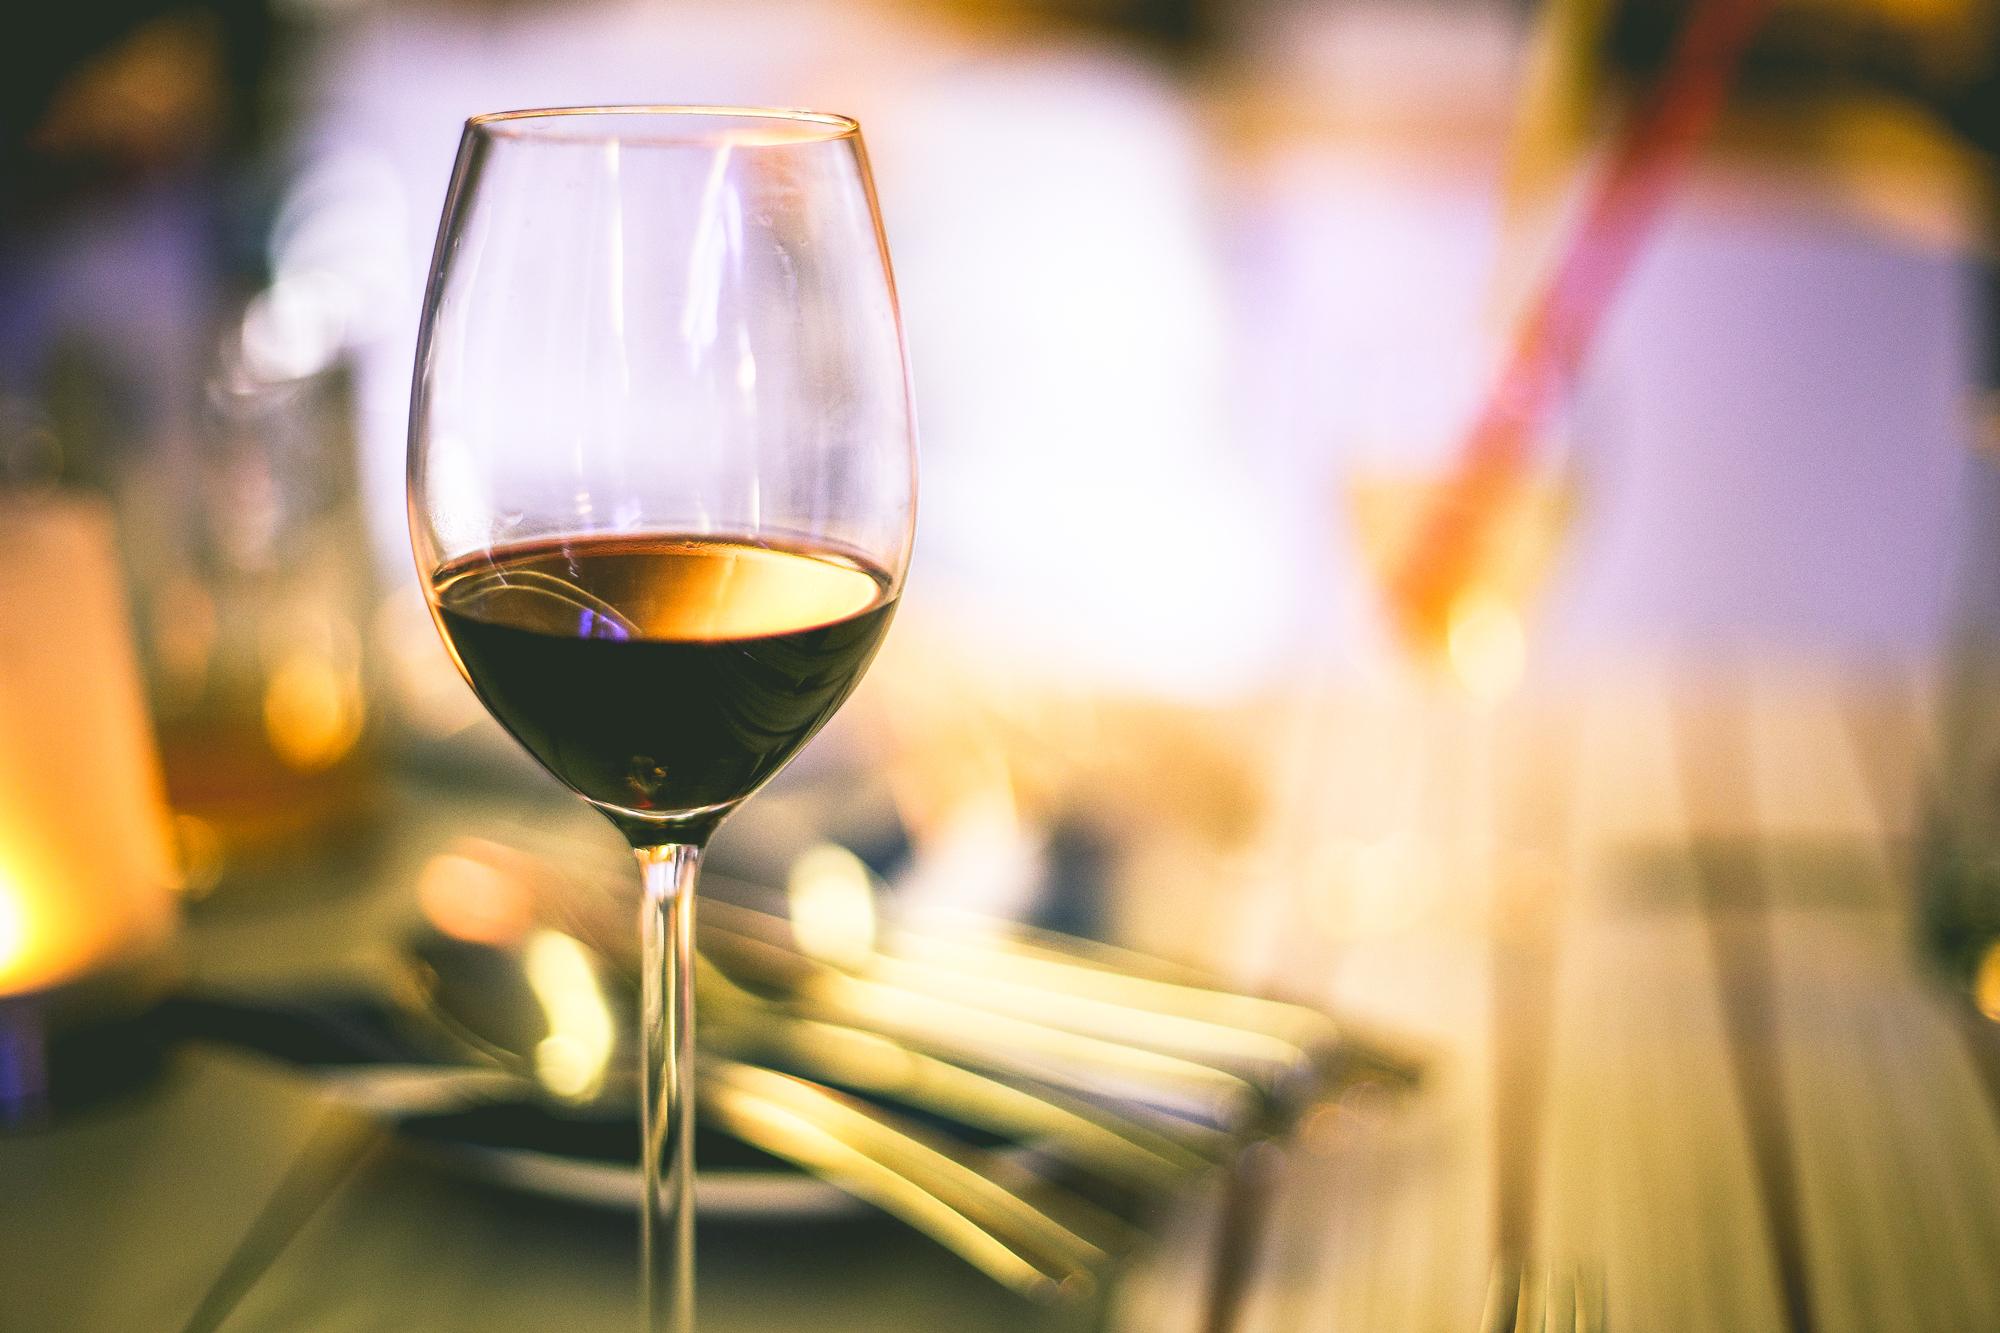 restaurant la côte saint-andré, vin au domaine de dony